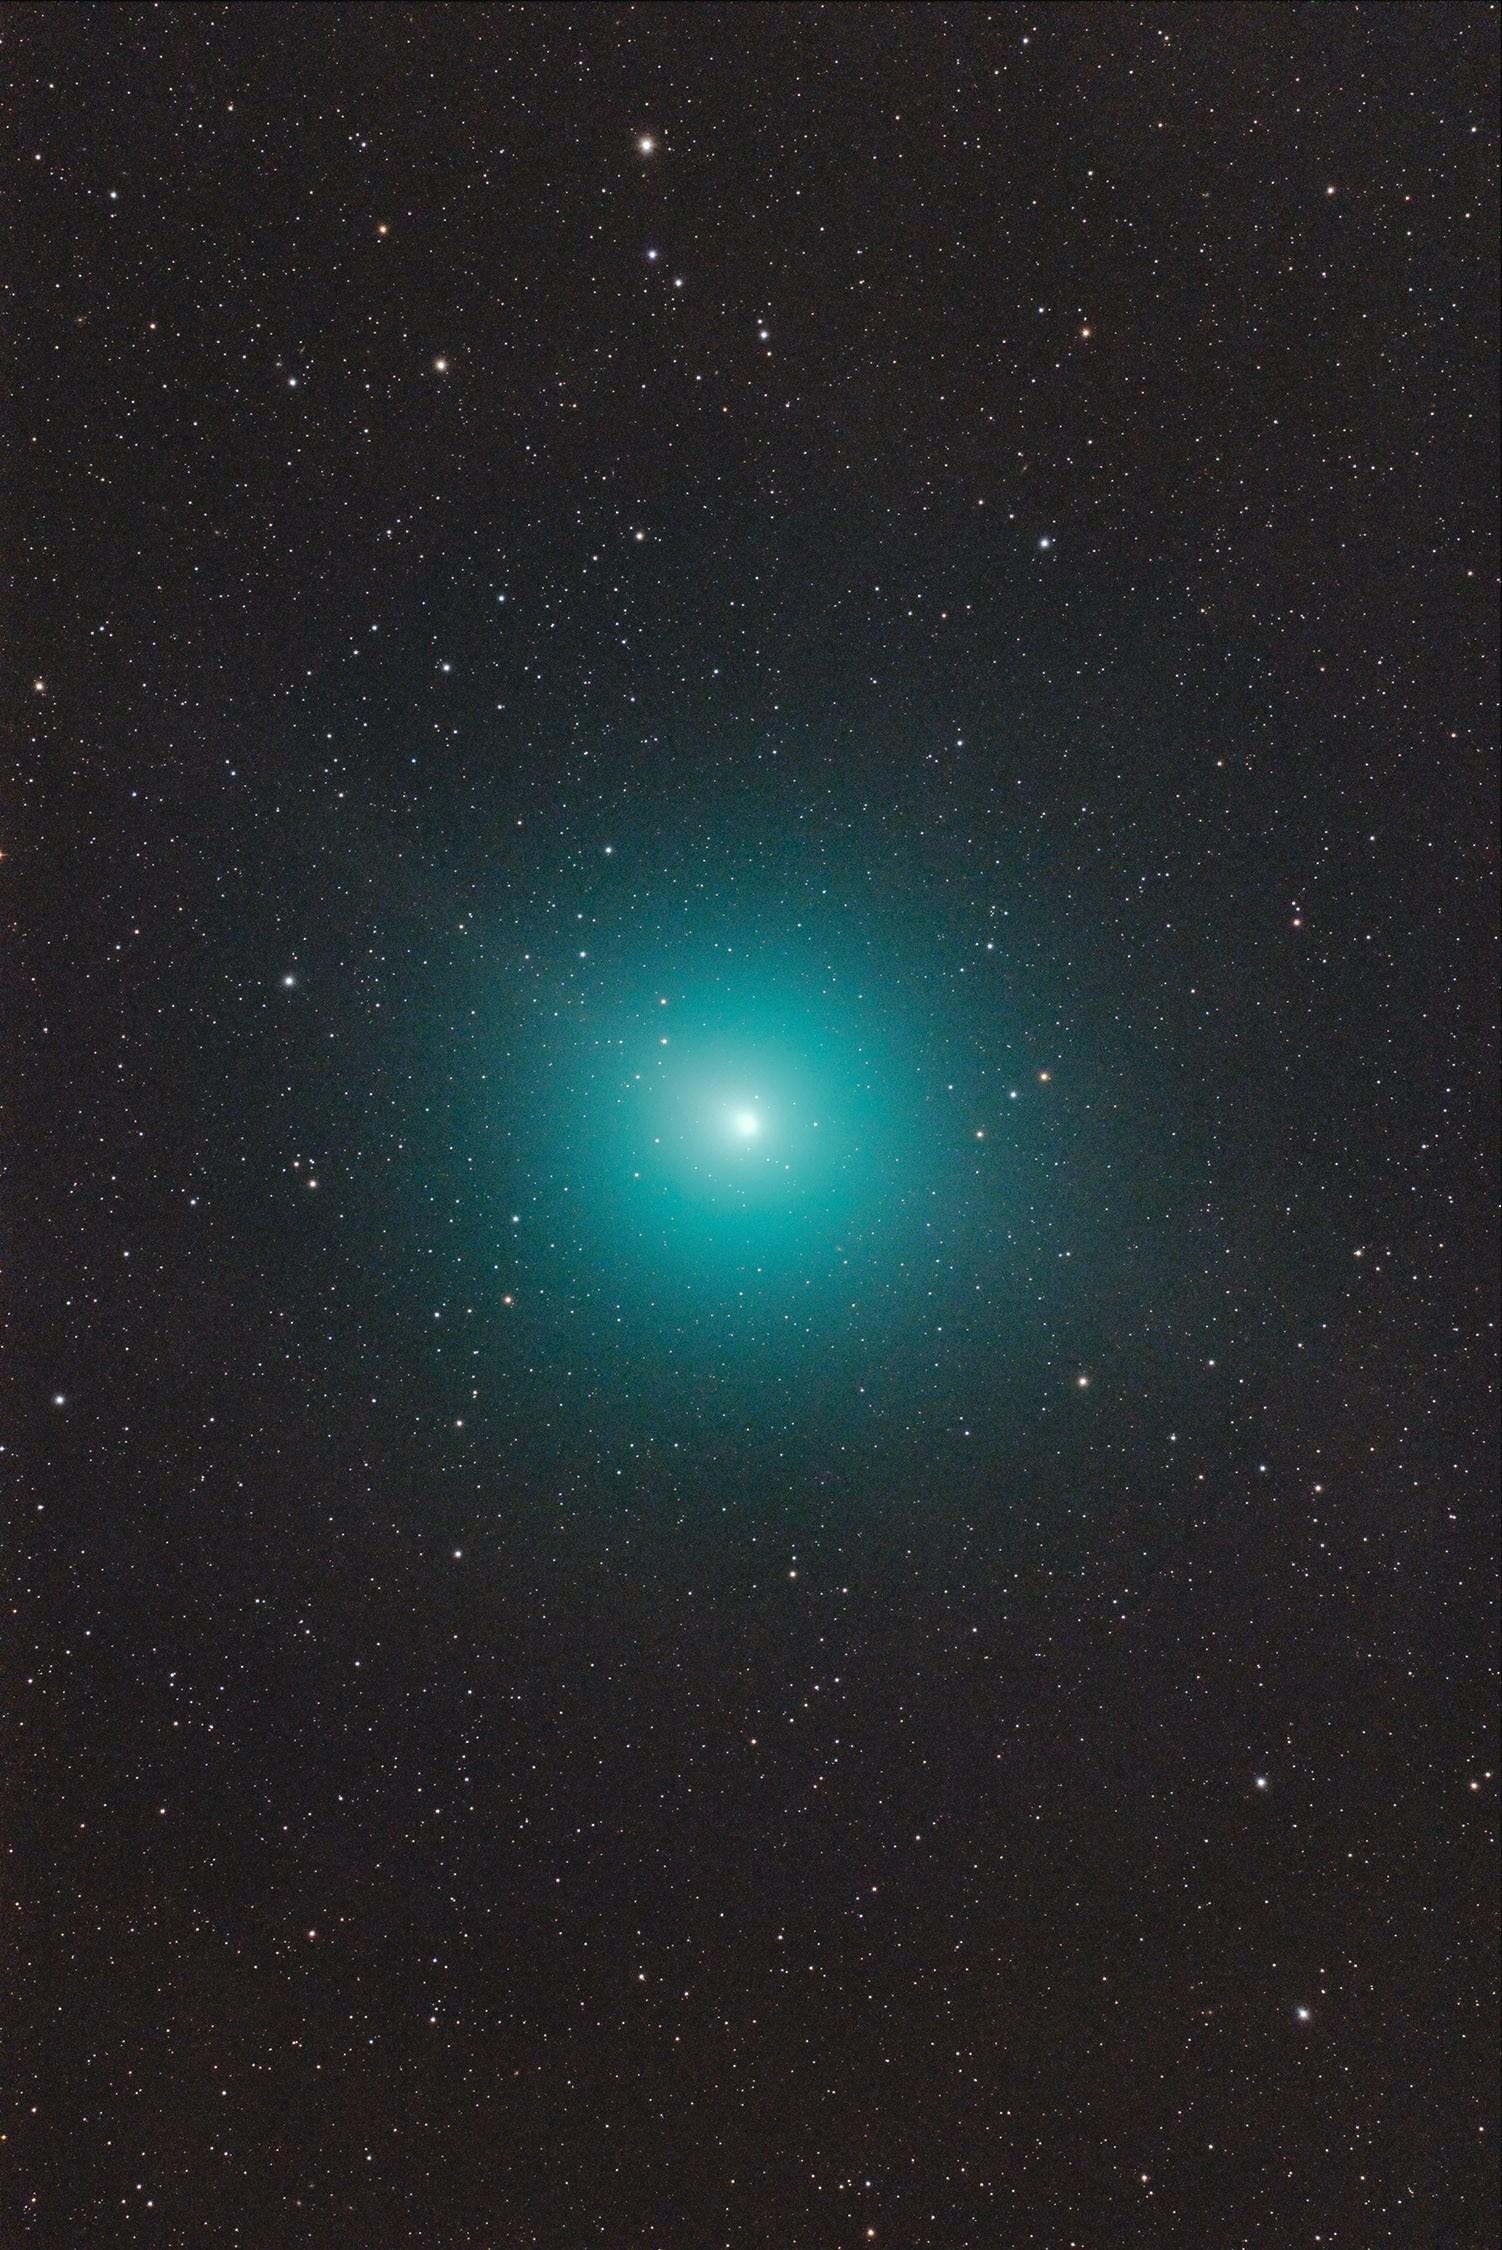 Anwendungsbild: Komet 46P/Wirtanen mit dem Baader Apo95 + D810A und volles VOLLFORMAT Gesichtsfeld! von C. Kaltseis